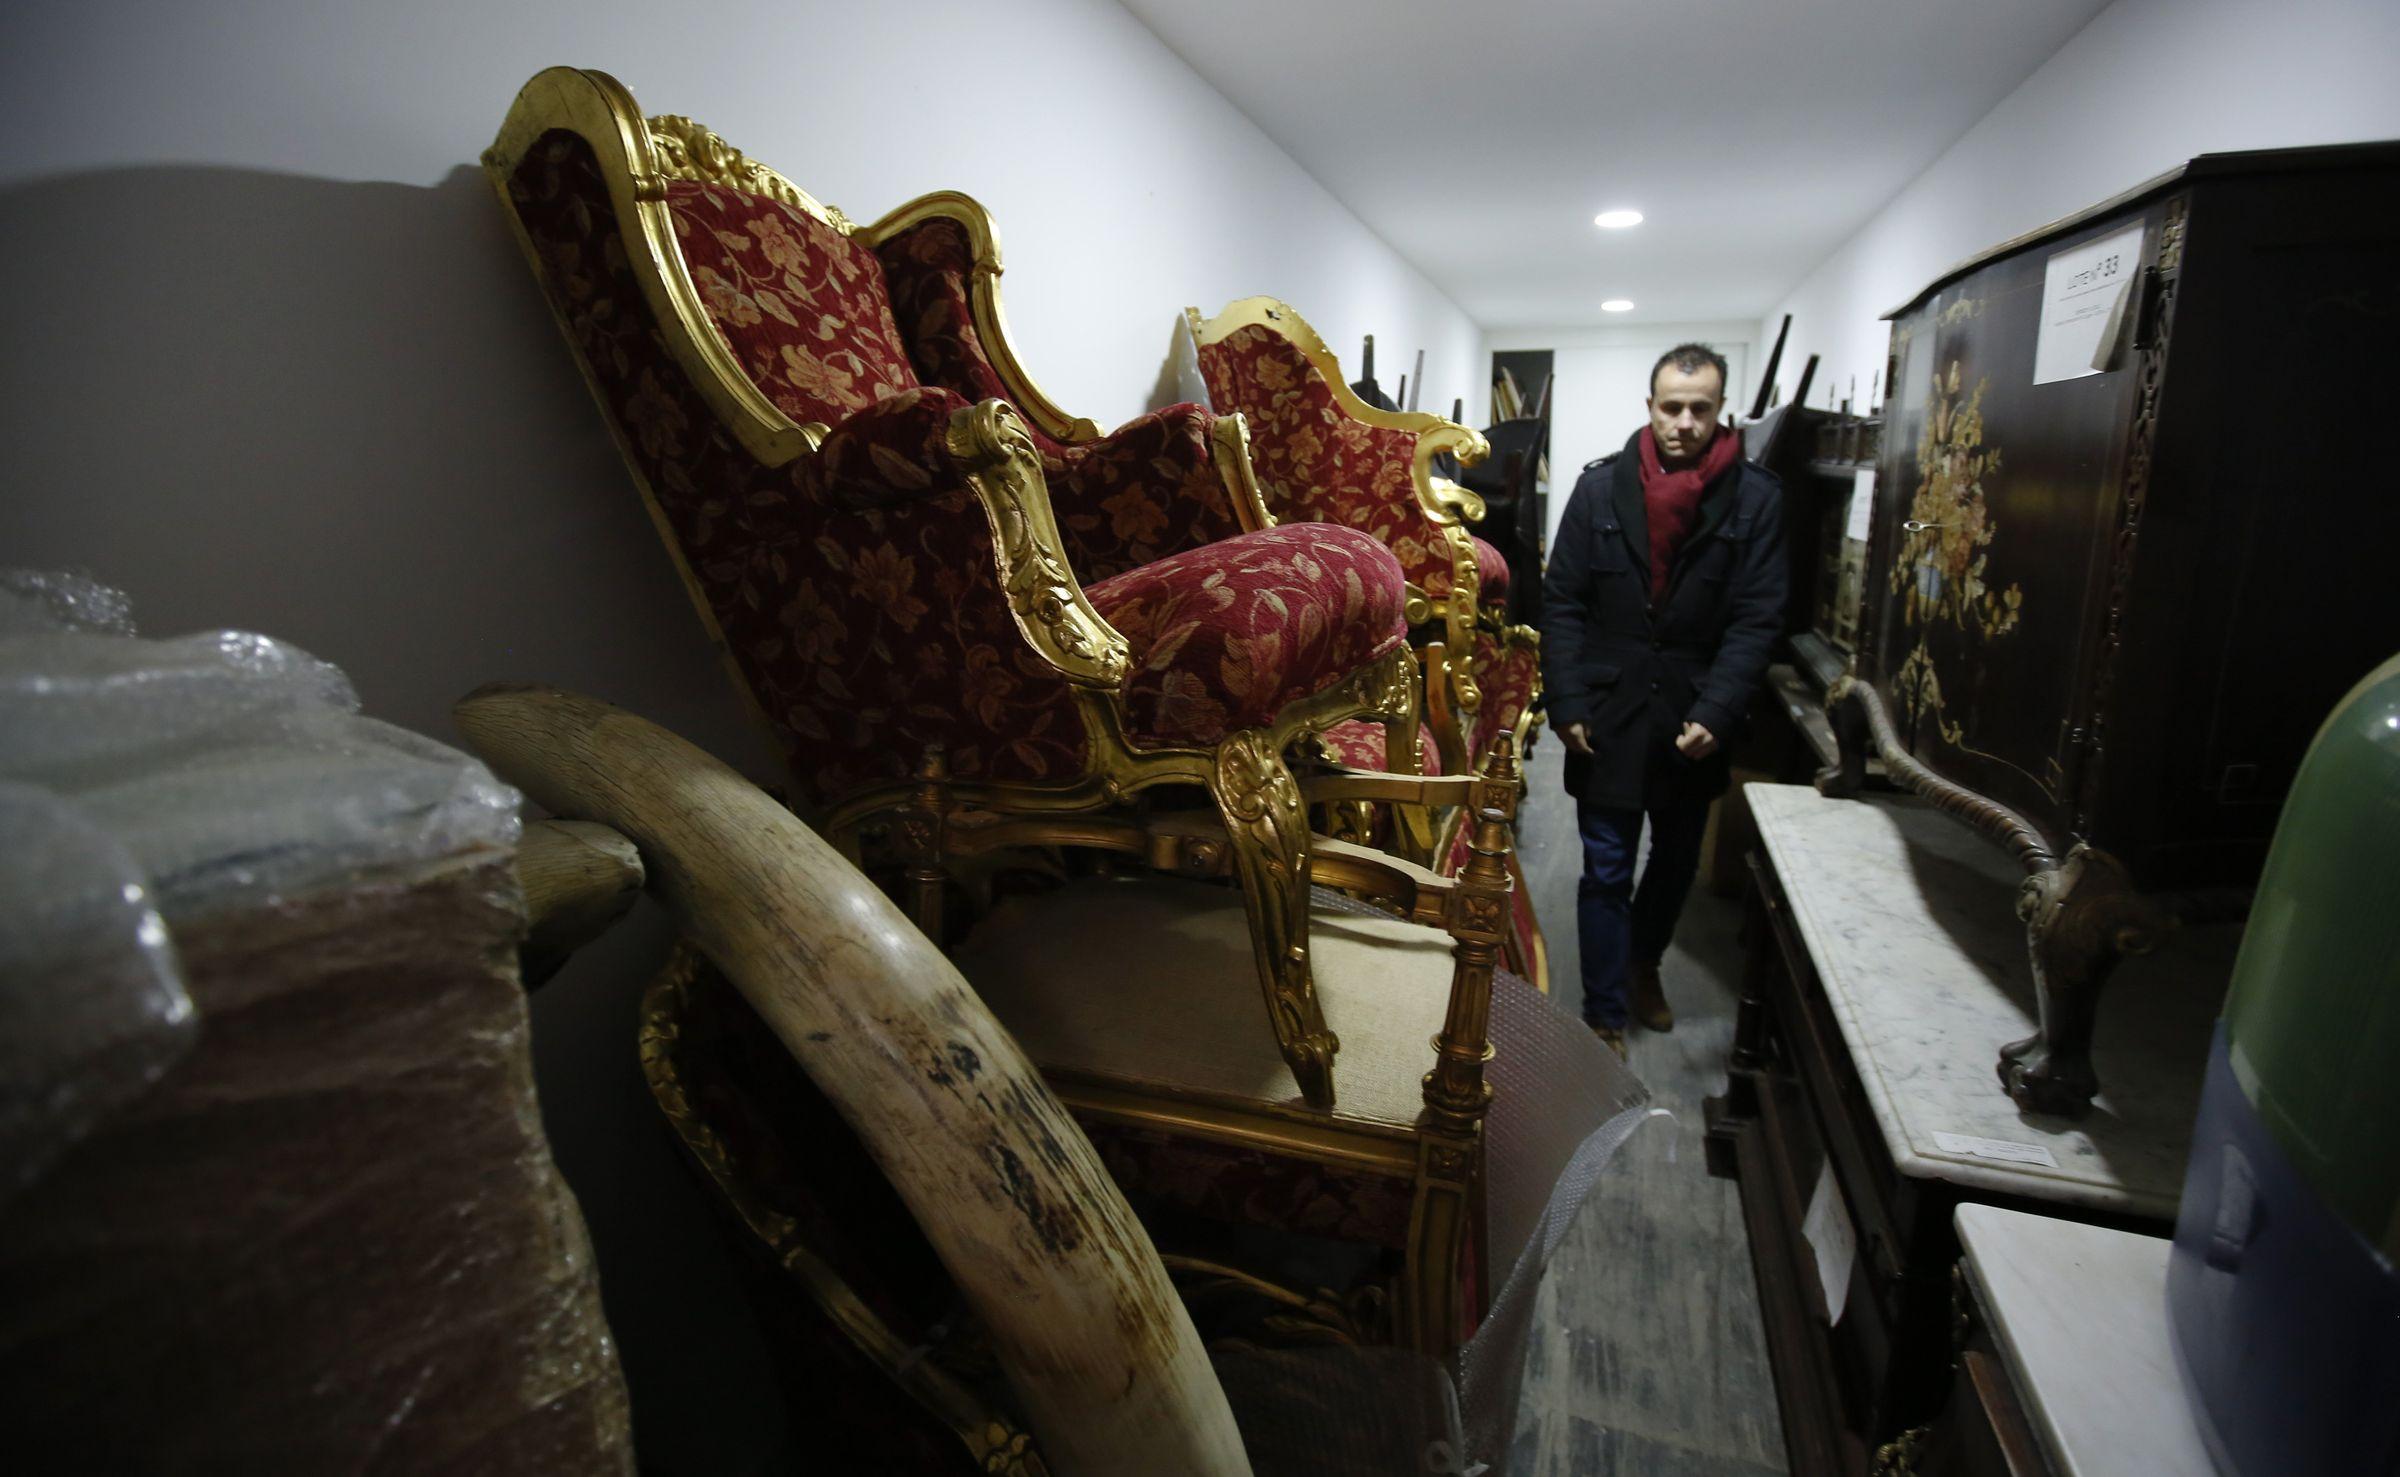 Suntuosos sillones, cuernos de marfil y muebles antiguos de gran valor figuran entre los bienes depositados